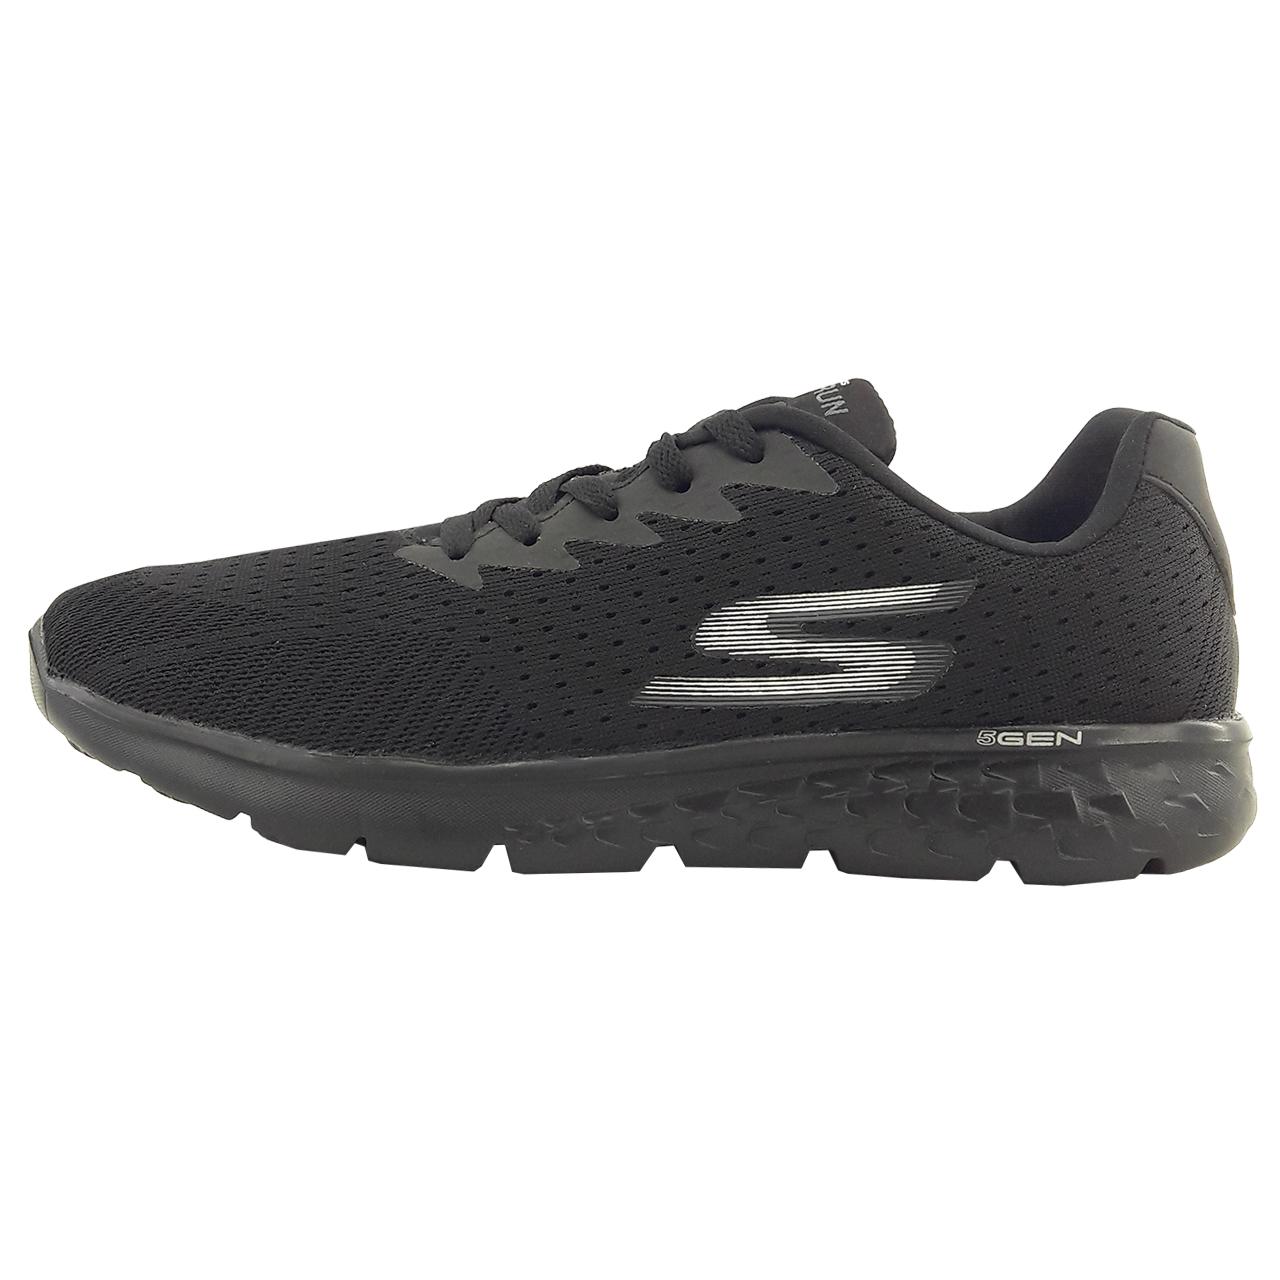 خرید کفش مخصوص پیاده روی زنانه اسکچرز مدل Go Run 400 54354 black